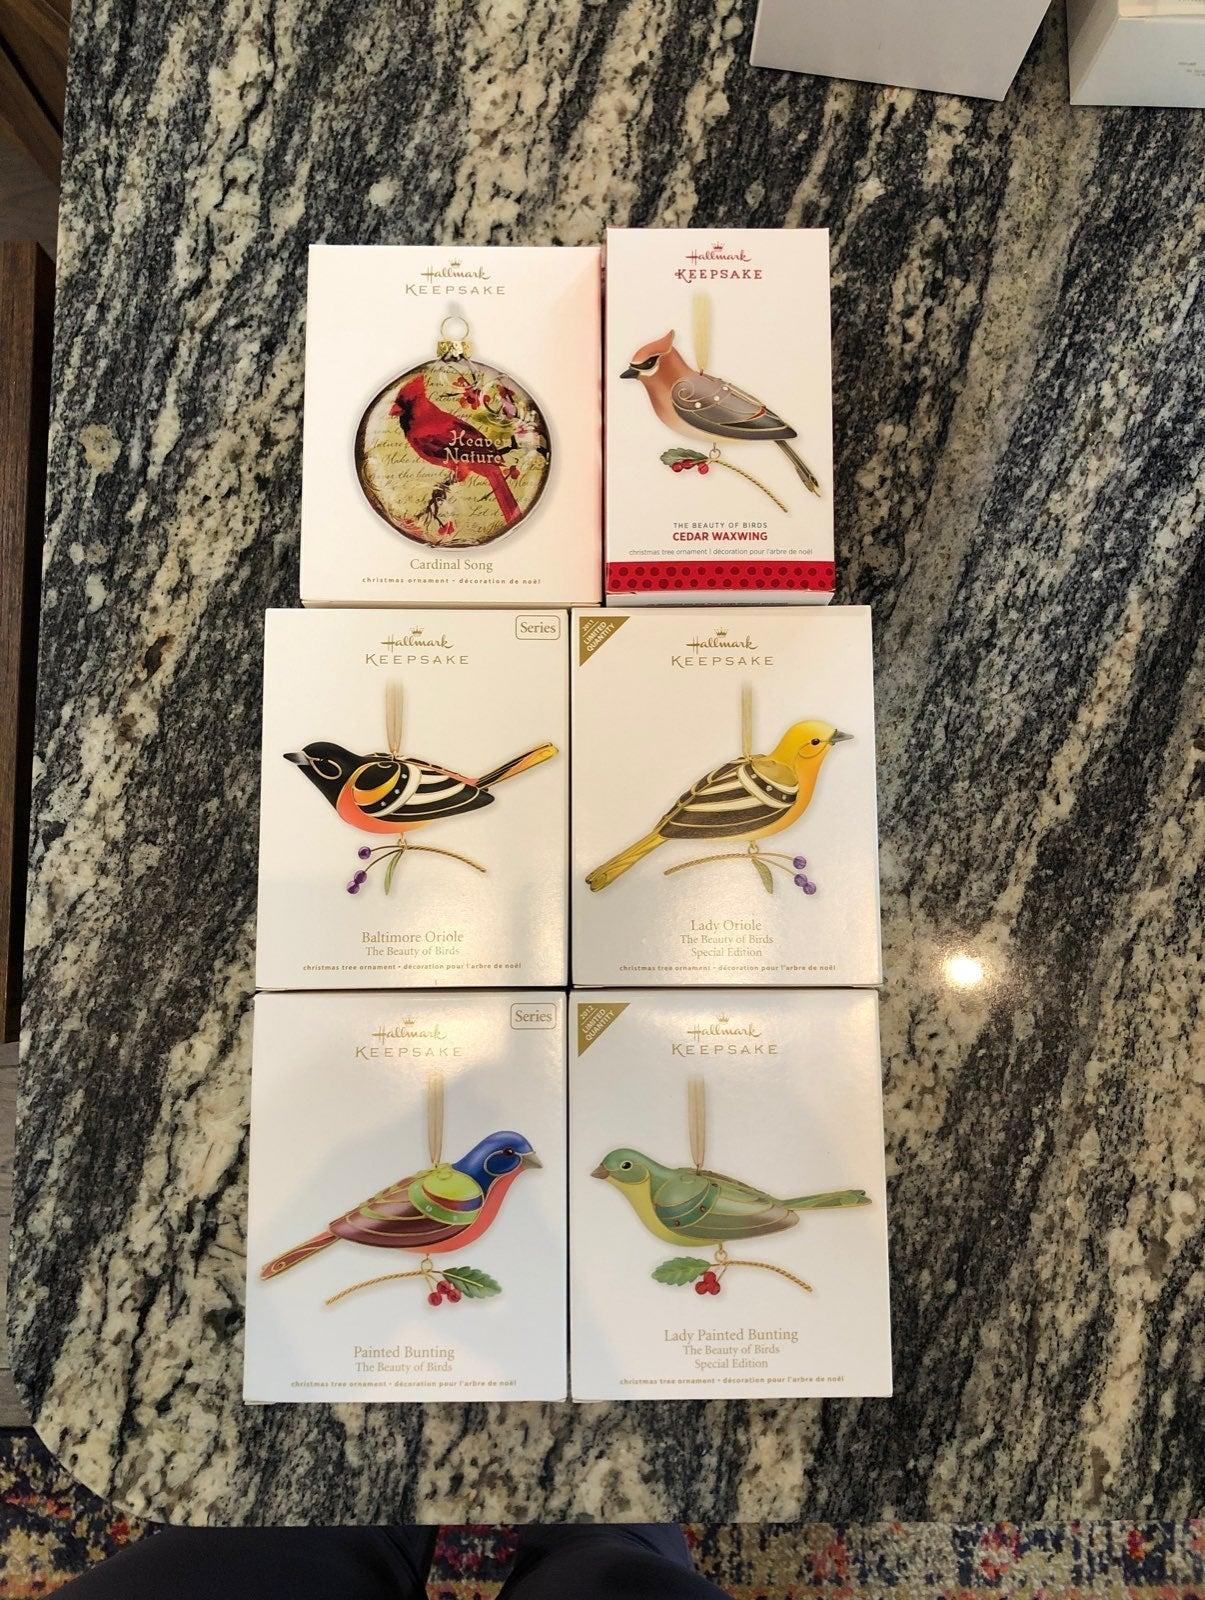 Hallmark Keepsake Beauty of Birds